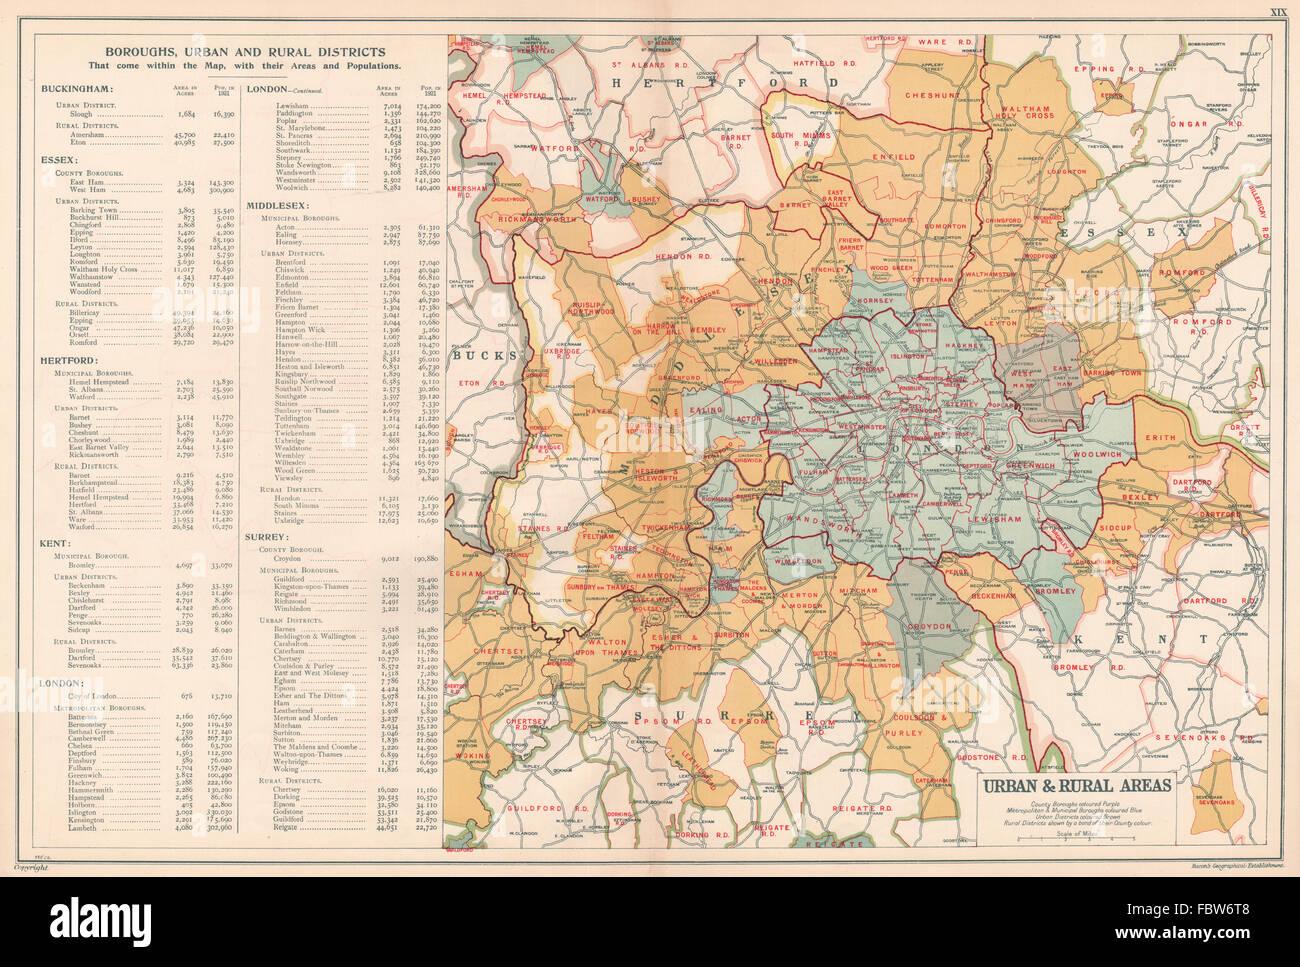 Karte London Stadtteile.London Stadtische Bezirke Stadtteile Landliche Bereiche